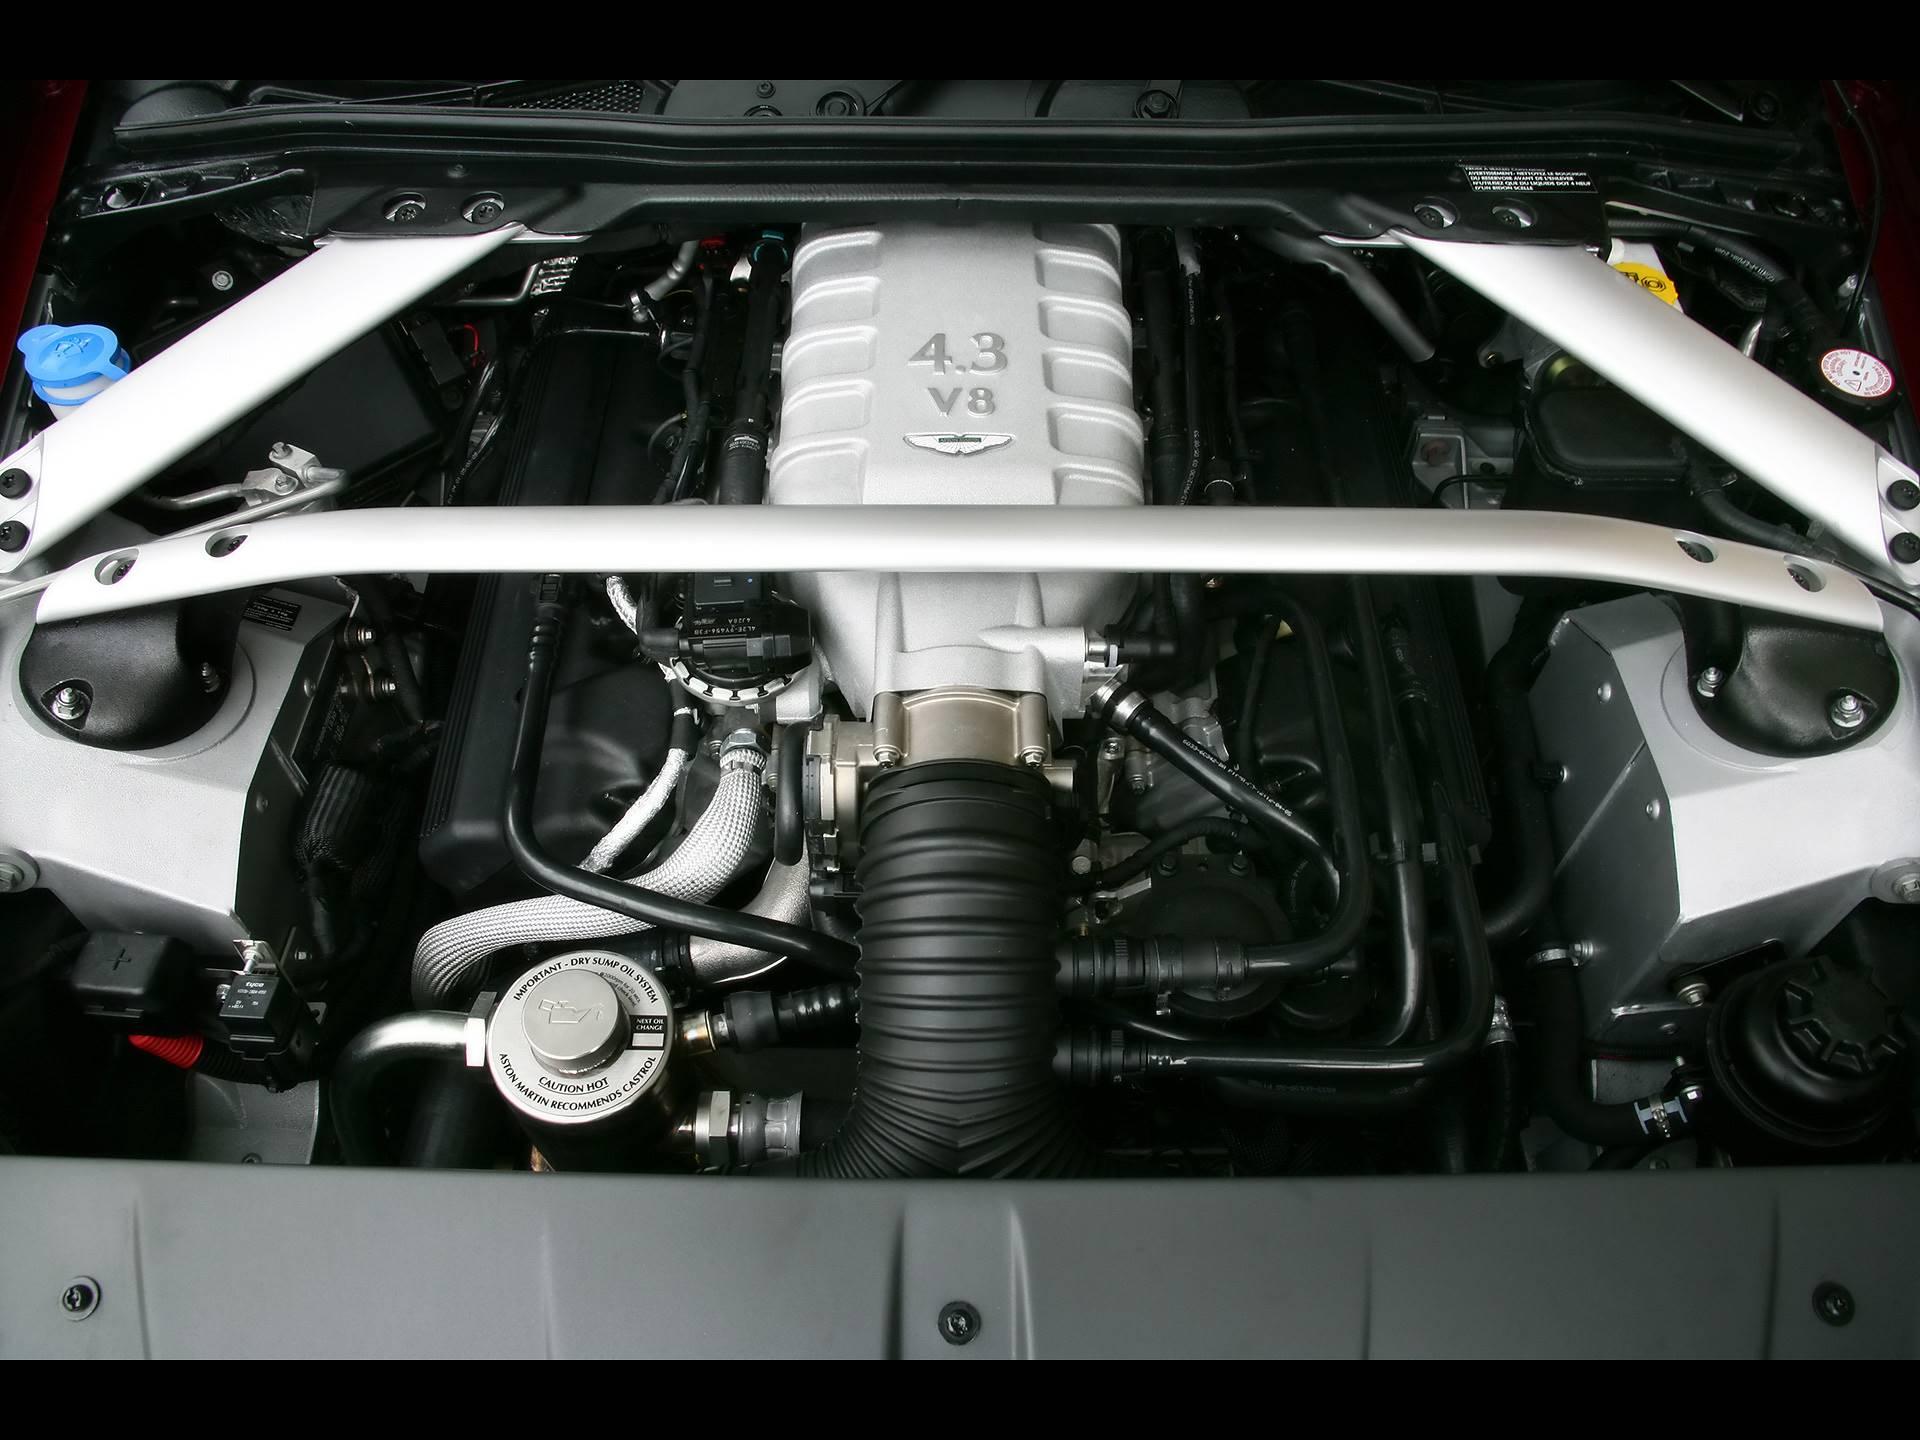 Supersprint Auspuff Für Aston Martin Vantage Coupè Cabrio V8 4 3i 06 08